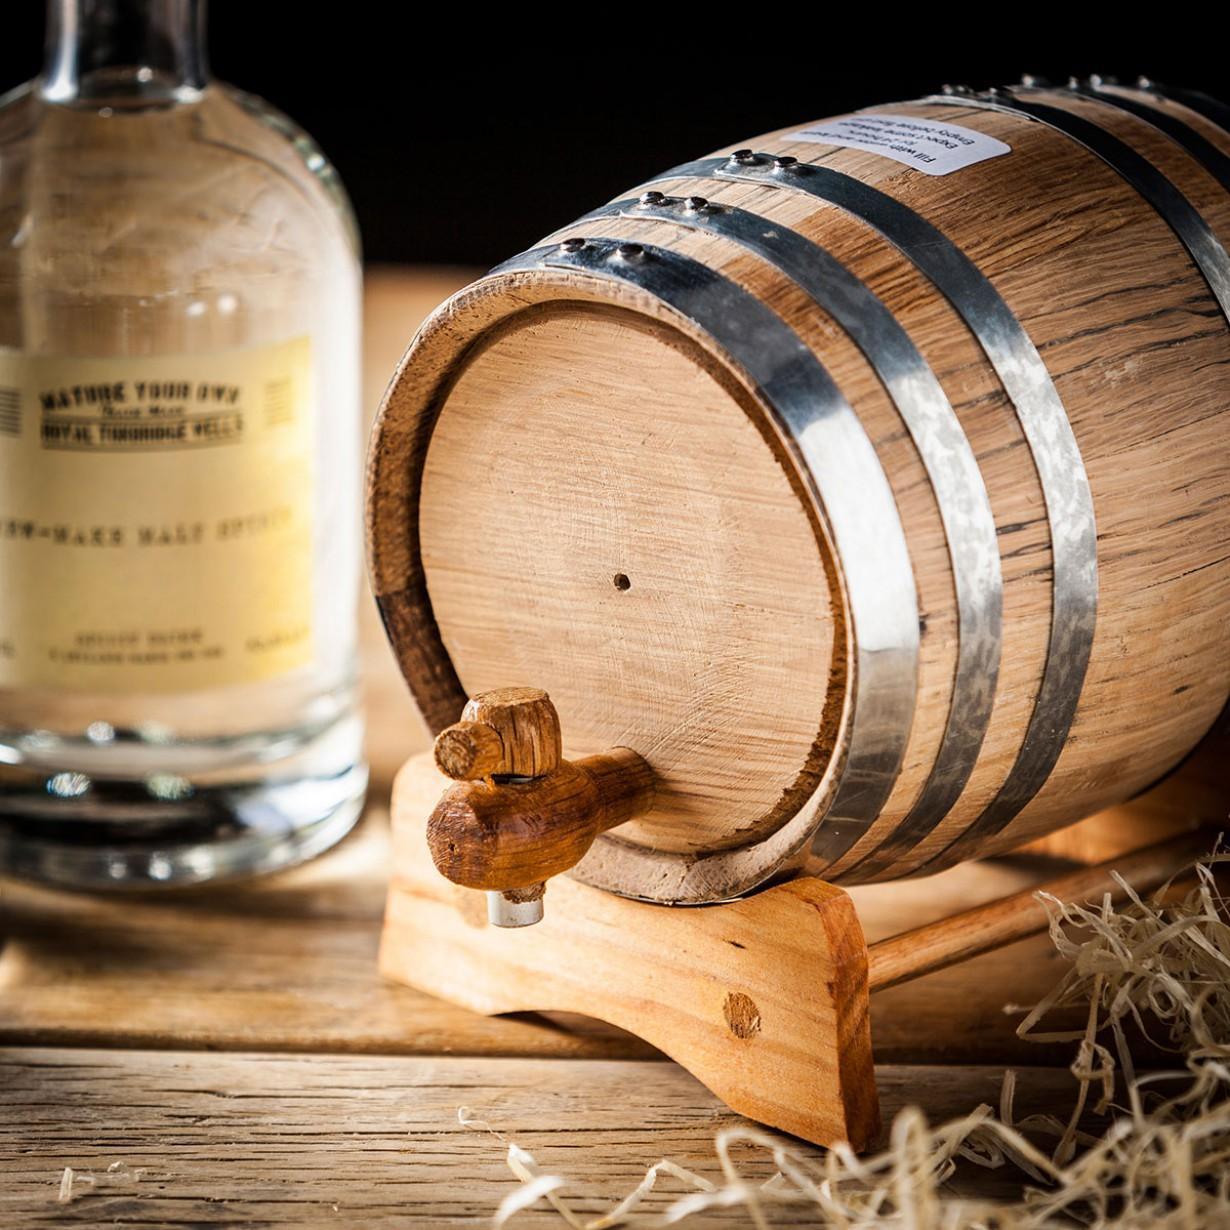 Kit pour faire son propre whisky